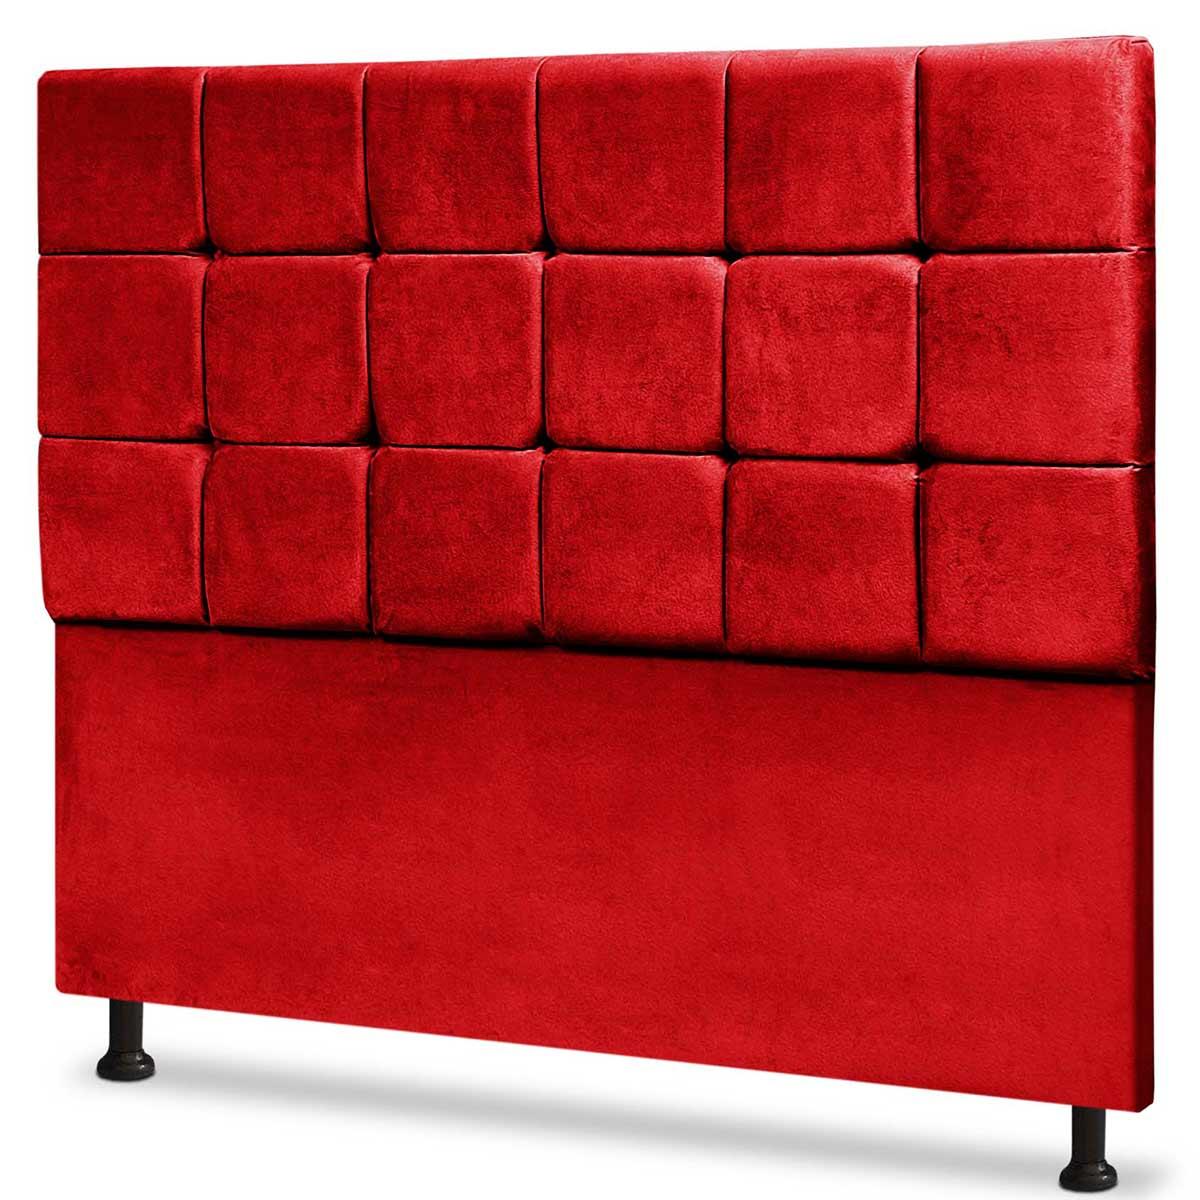 Cabeceira King Estofada Espanha 195 cm Animale Vermelho